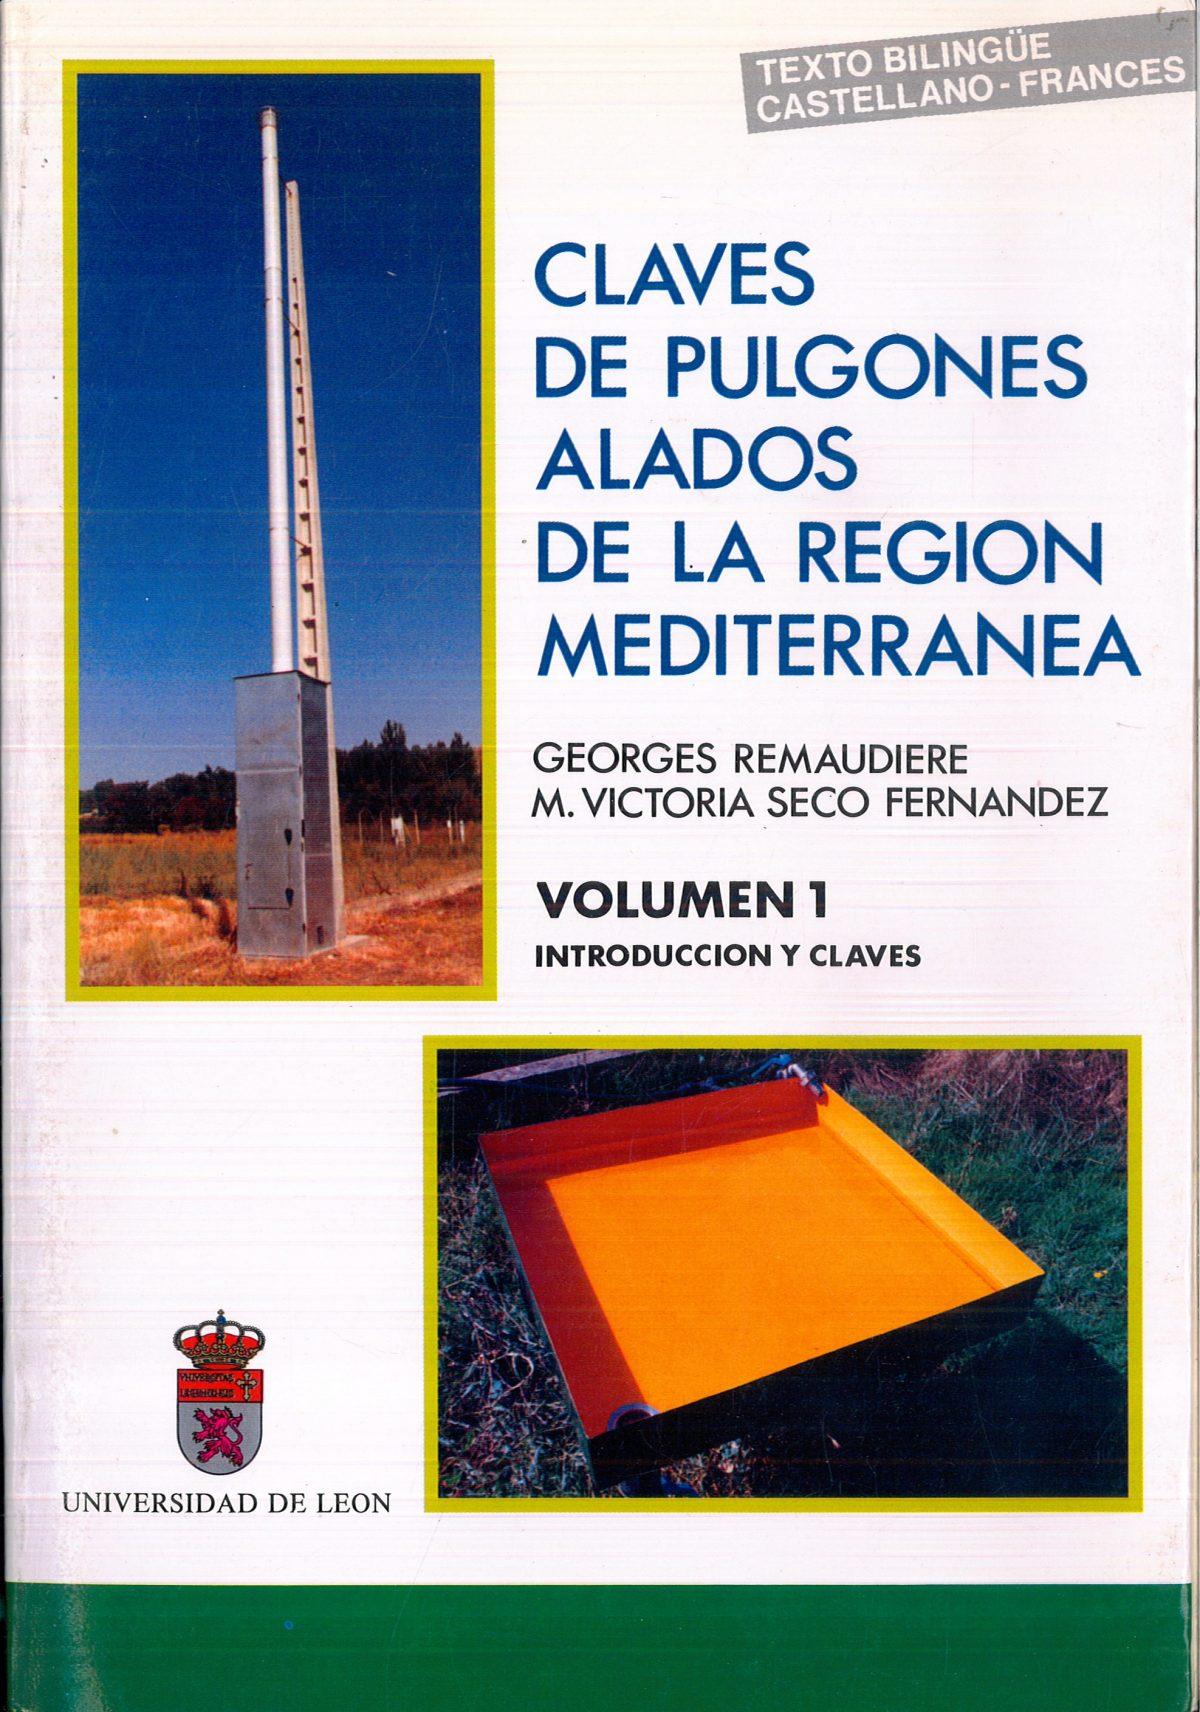 """""""Claves de pulgones alados de la región mediterránea"""""""